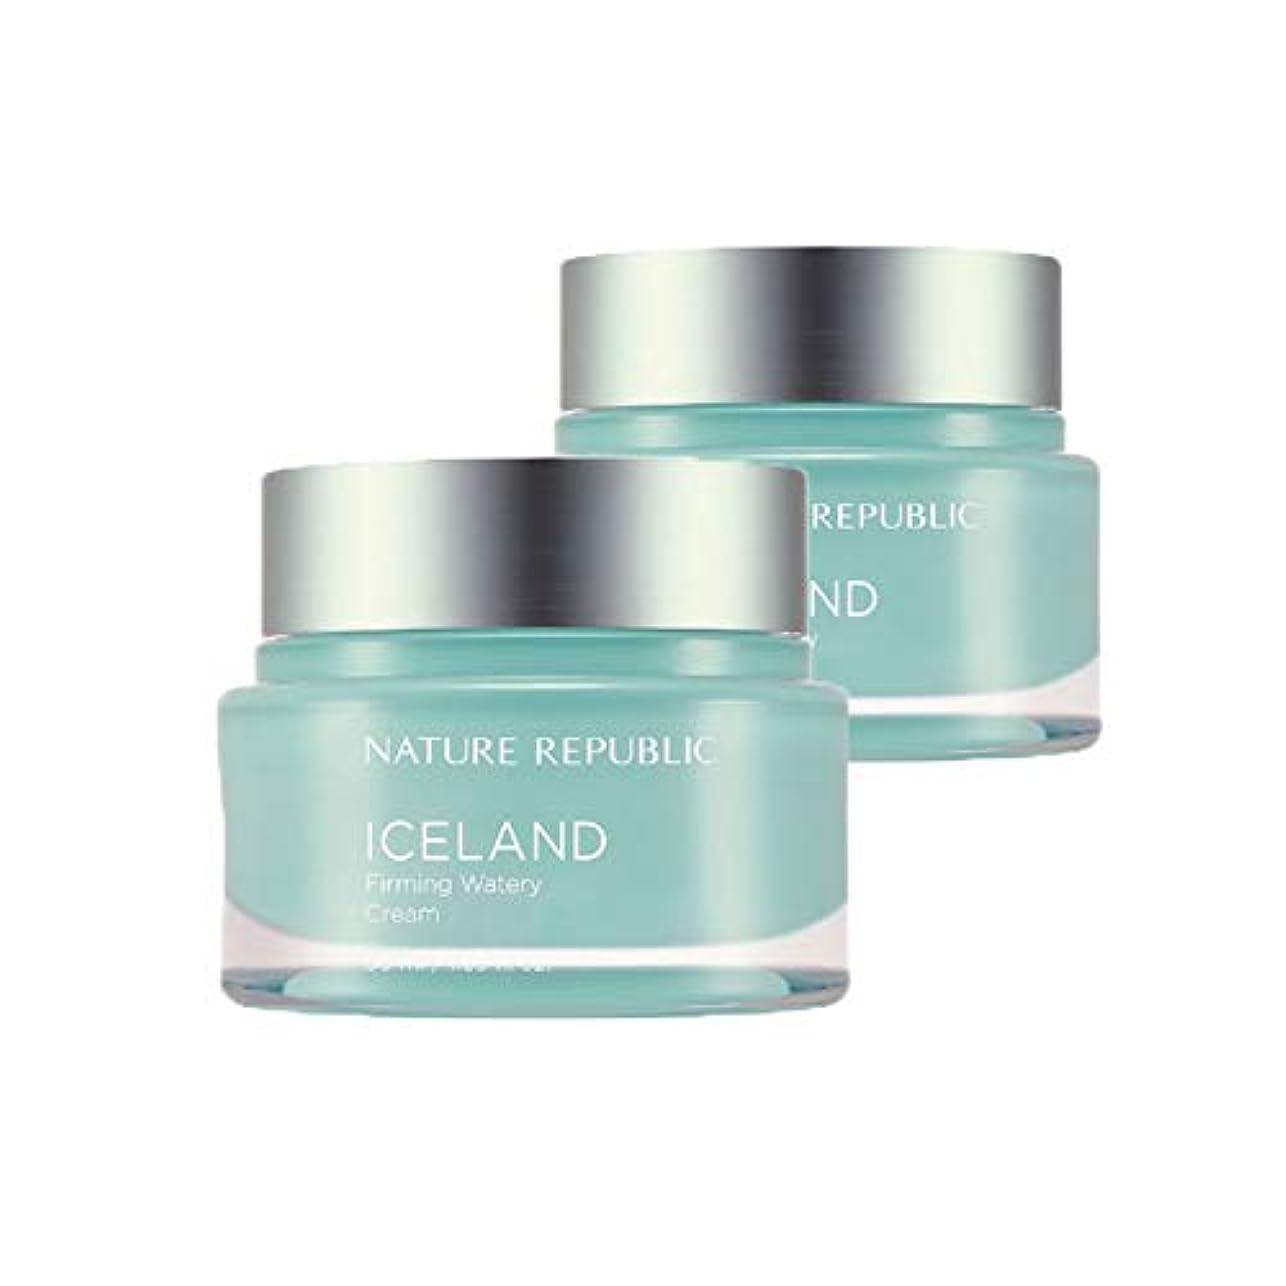 前進予測子航空便ネイチャーリパブリックアイスランドファーミング水分クリーム50mlx2本セット韓国コスメ、Nature Republic Iceland Firming Watery Cream 50ml x 2ea Set Korean...